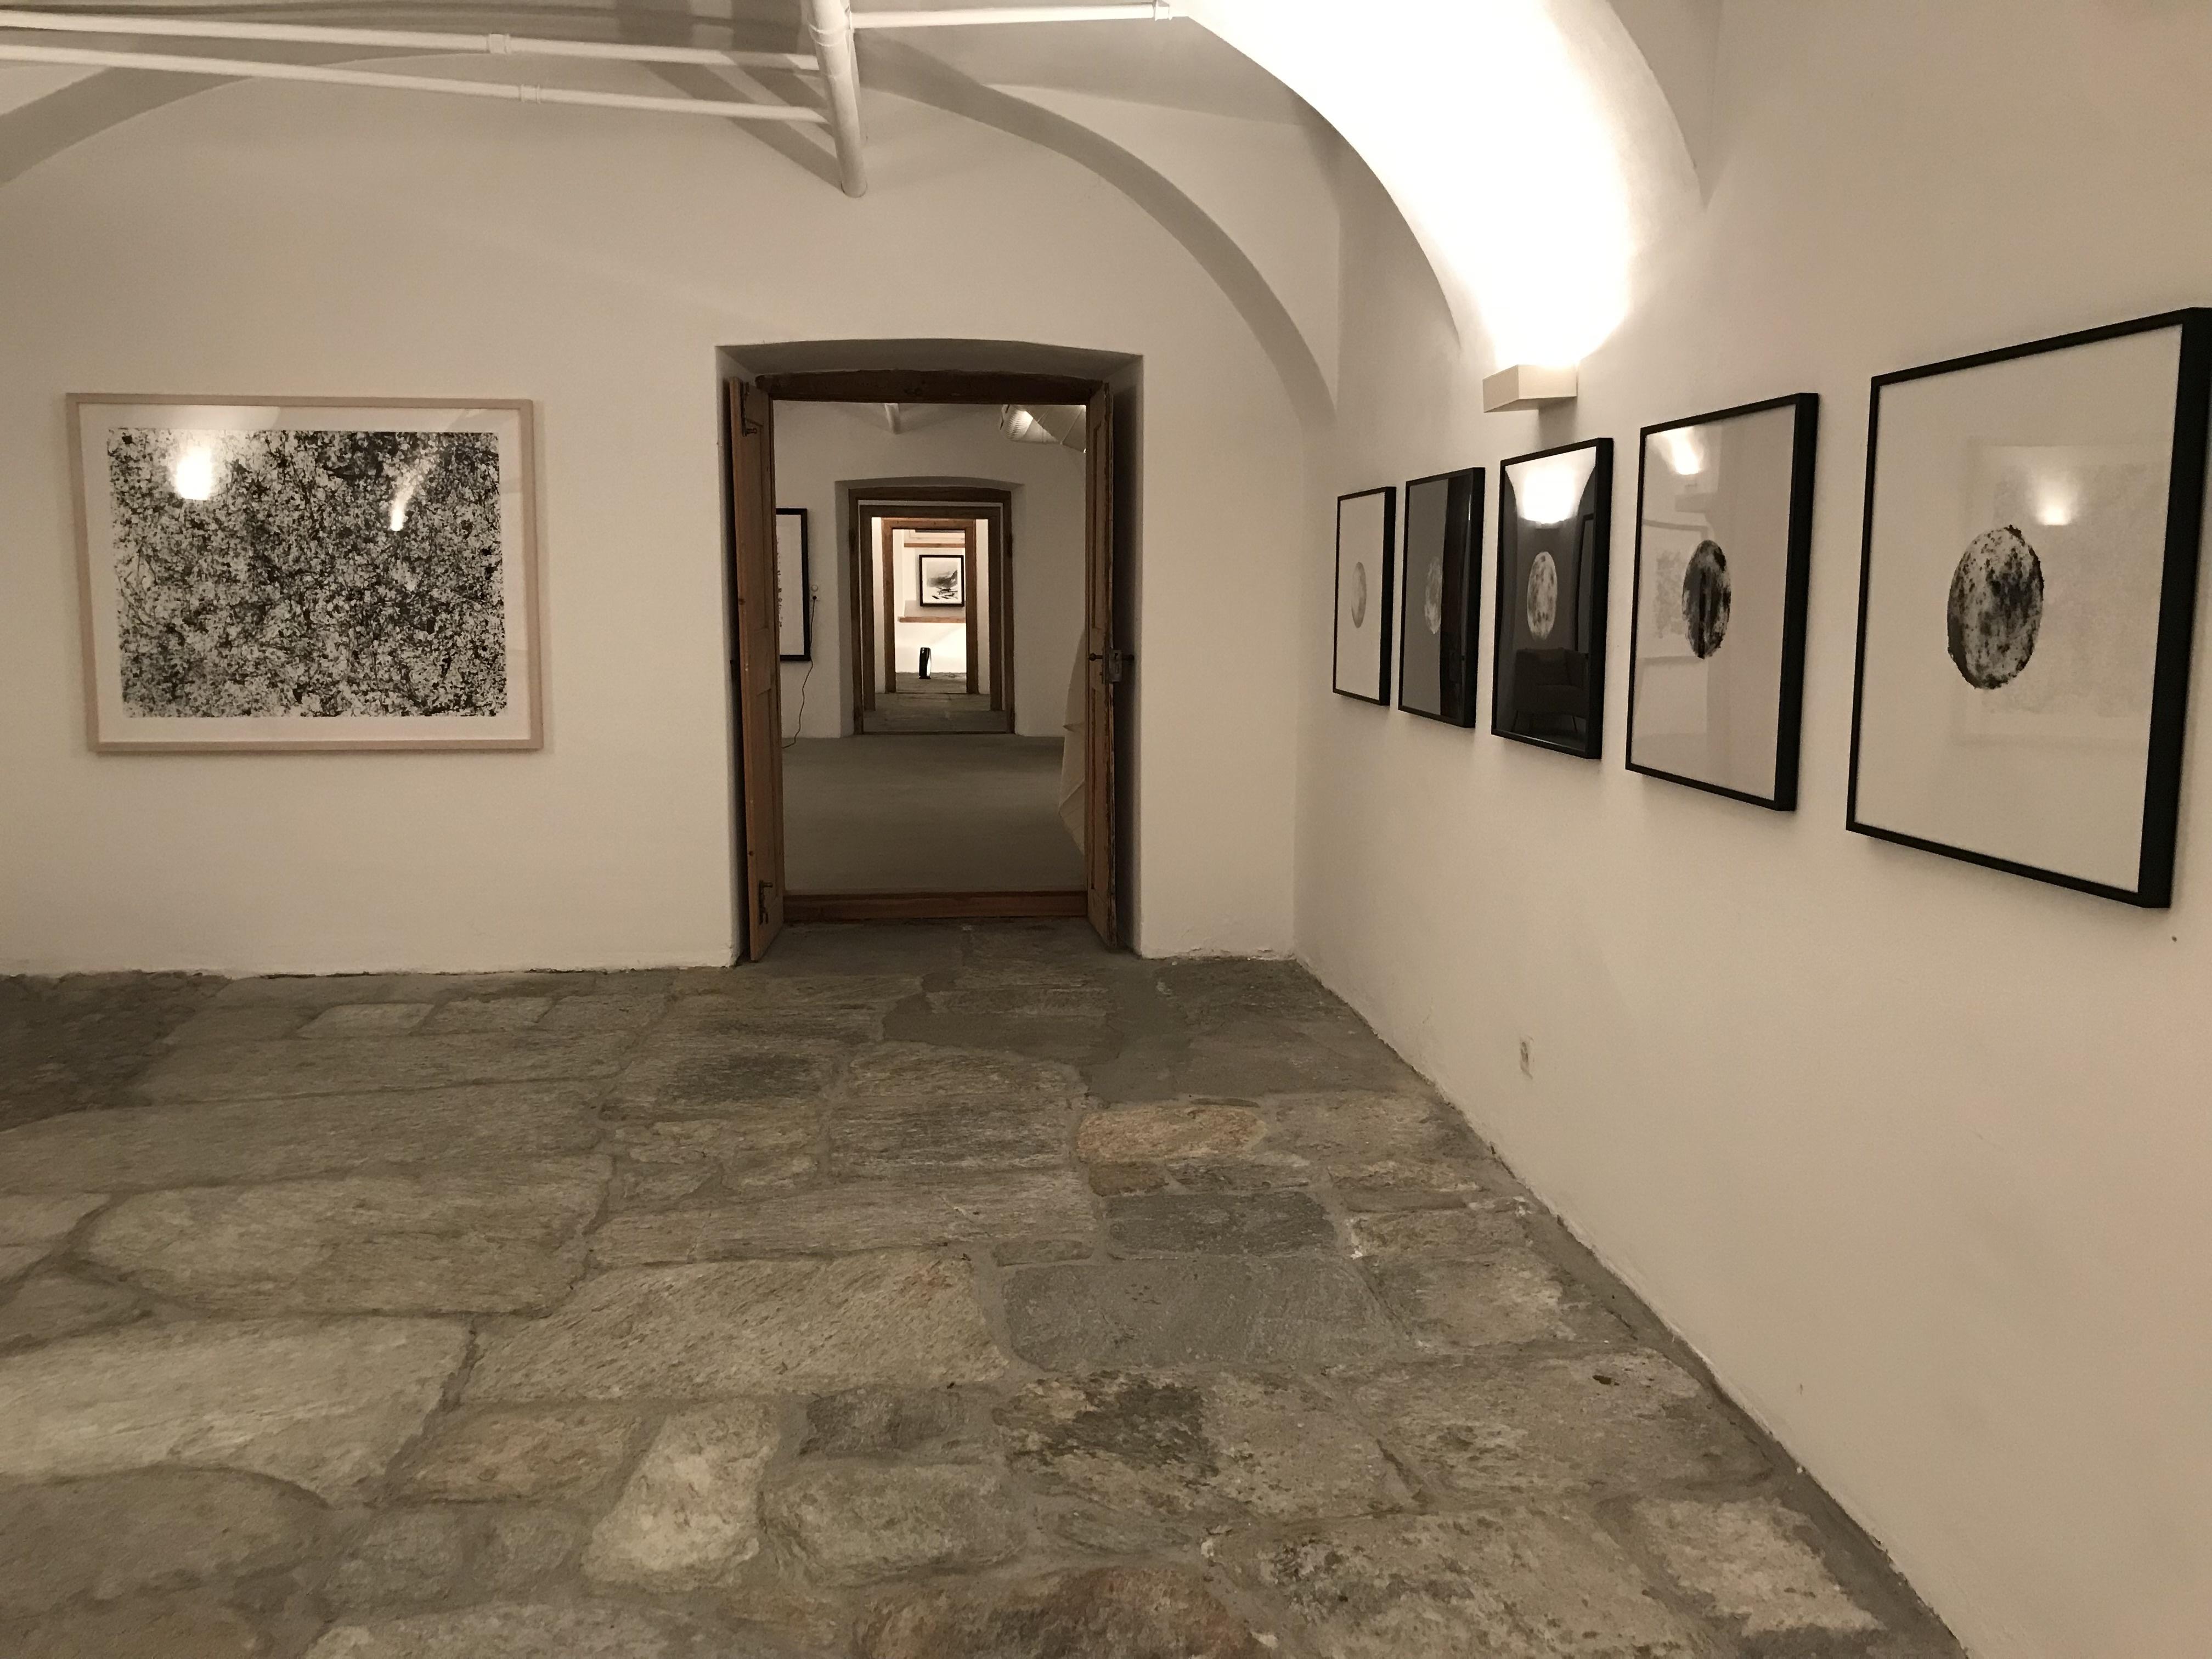 Galerie Andres Thalmann Slide 5